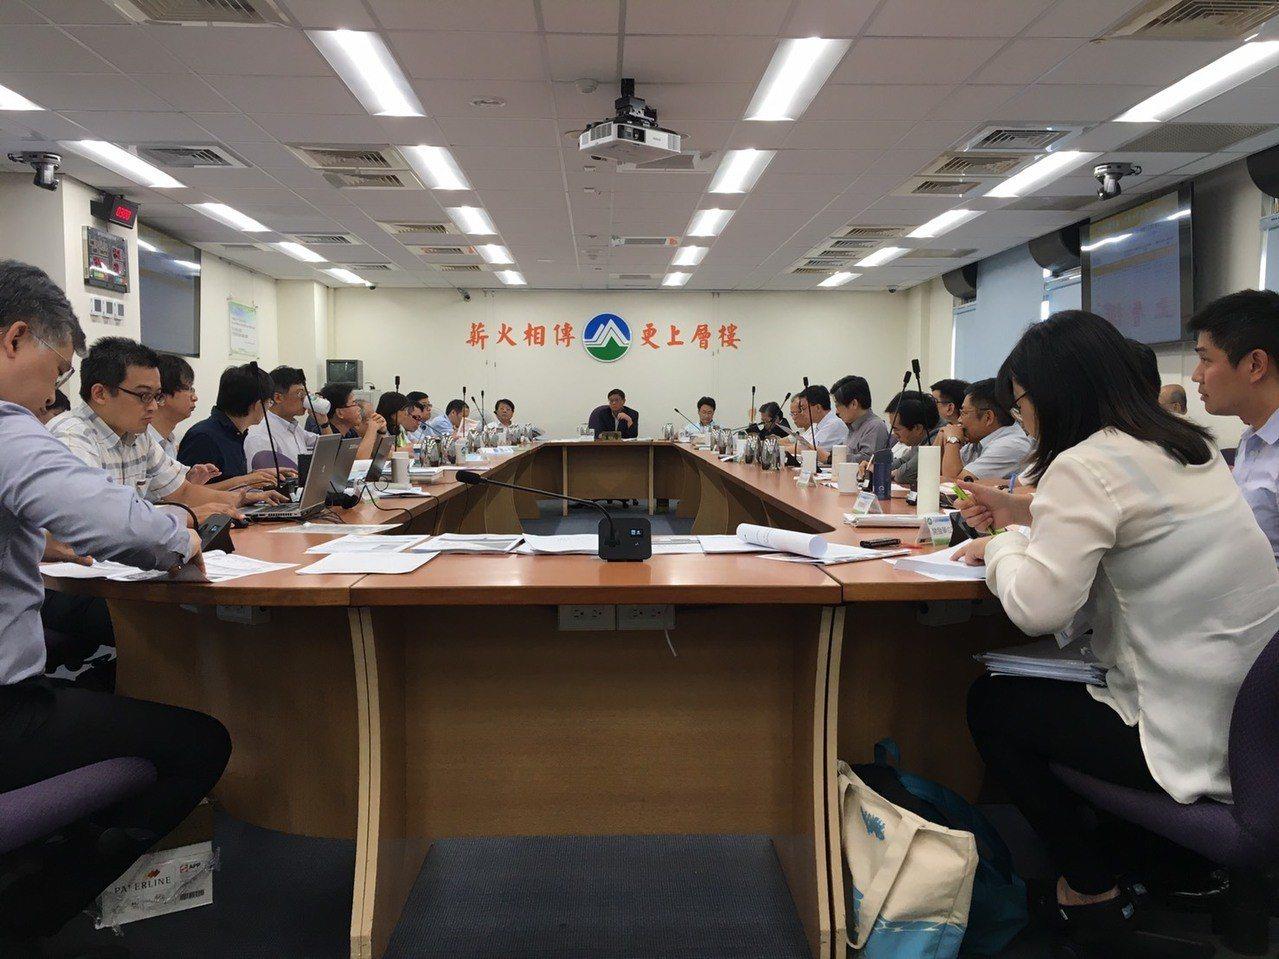 竹科寶山用地擴建計畫今經環評大會審查通過。記者吳姿賢/攝影